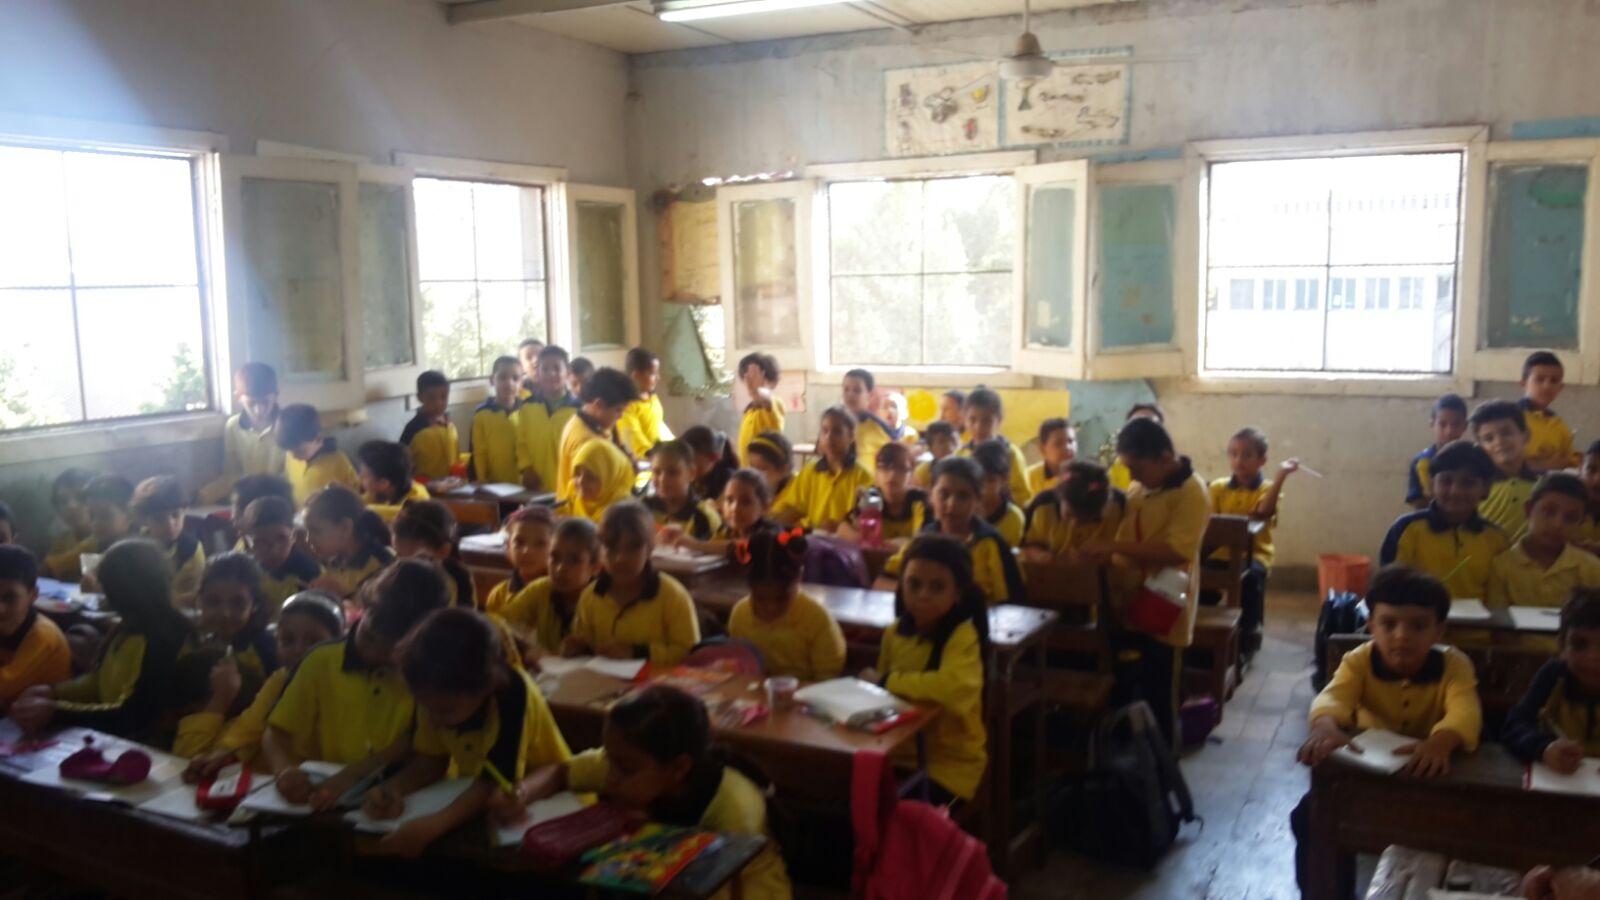 بالصور.. للمرة الأولى.. مدرسة بالجيزة تضم 160 تلميذًا في الفصل الواحد.. و4 في «التختة»